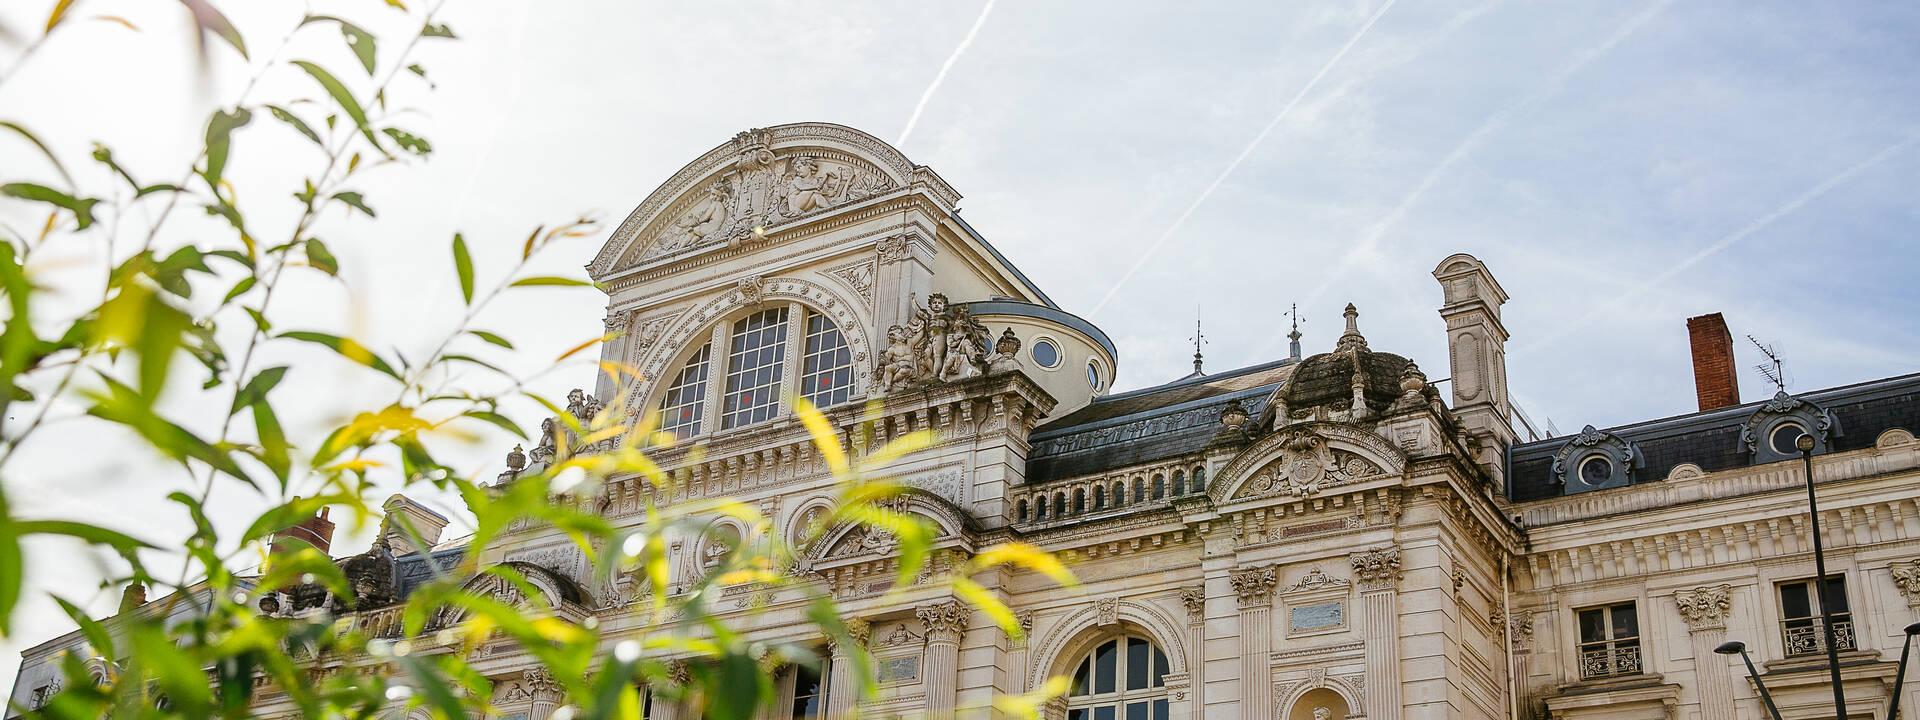 Place du Ralliement - Angers © Les Conteurs